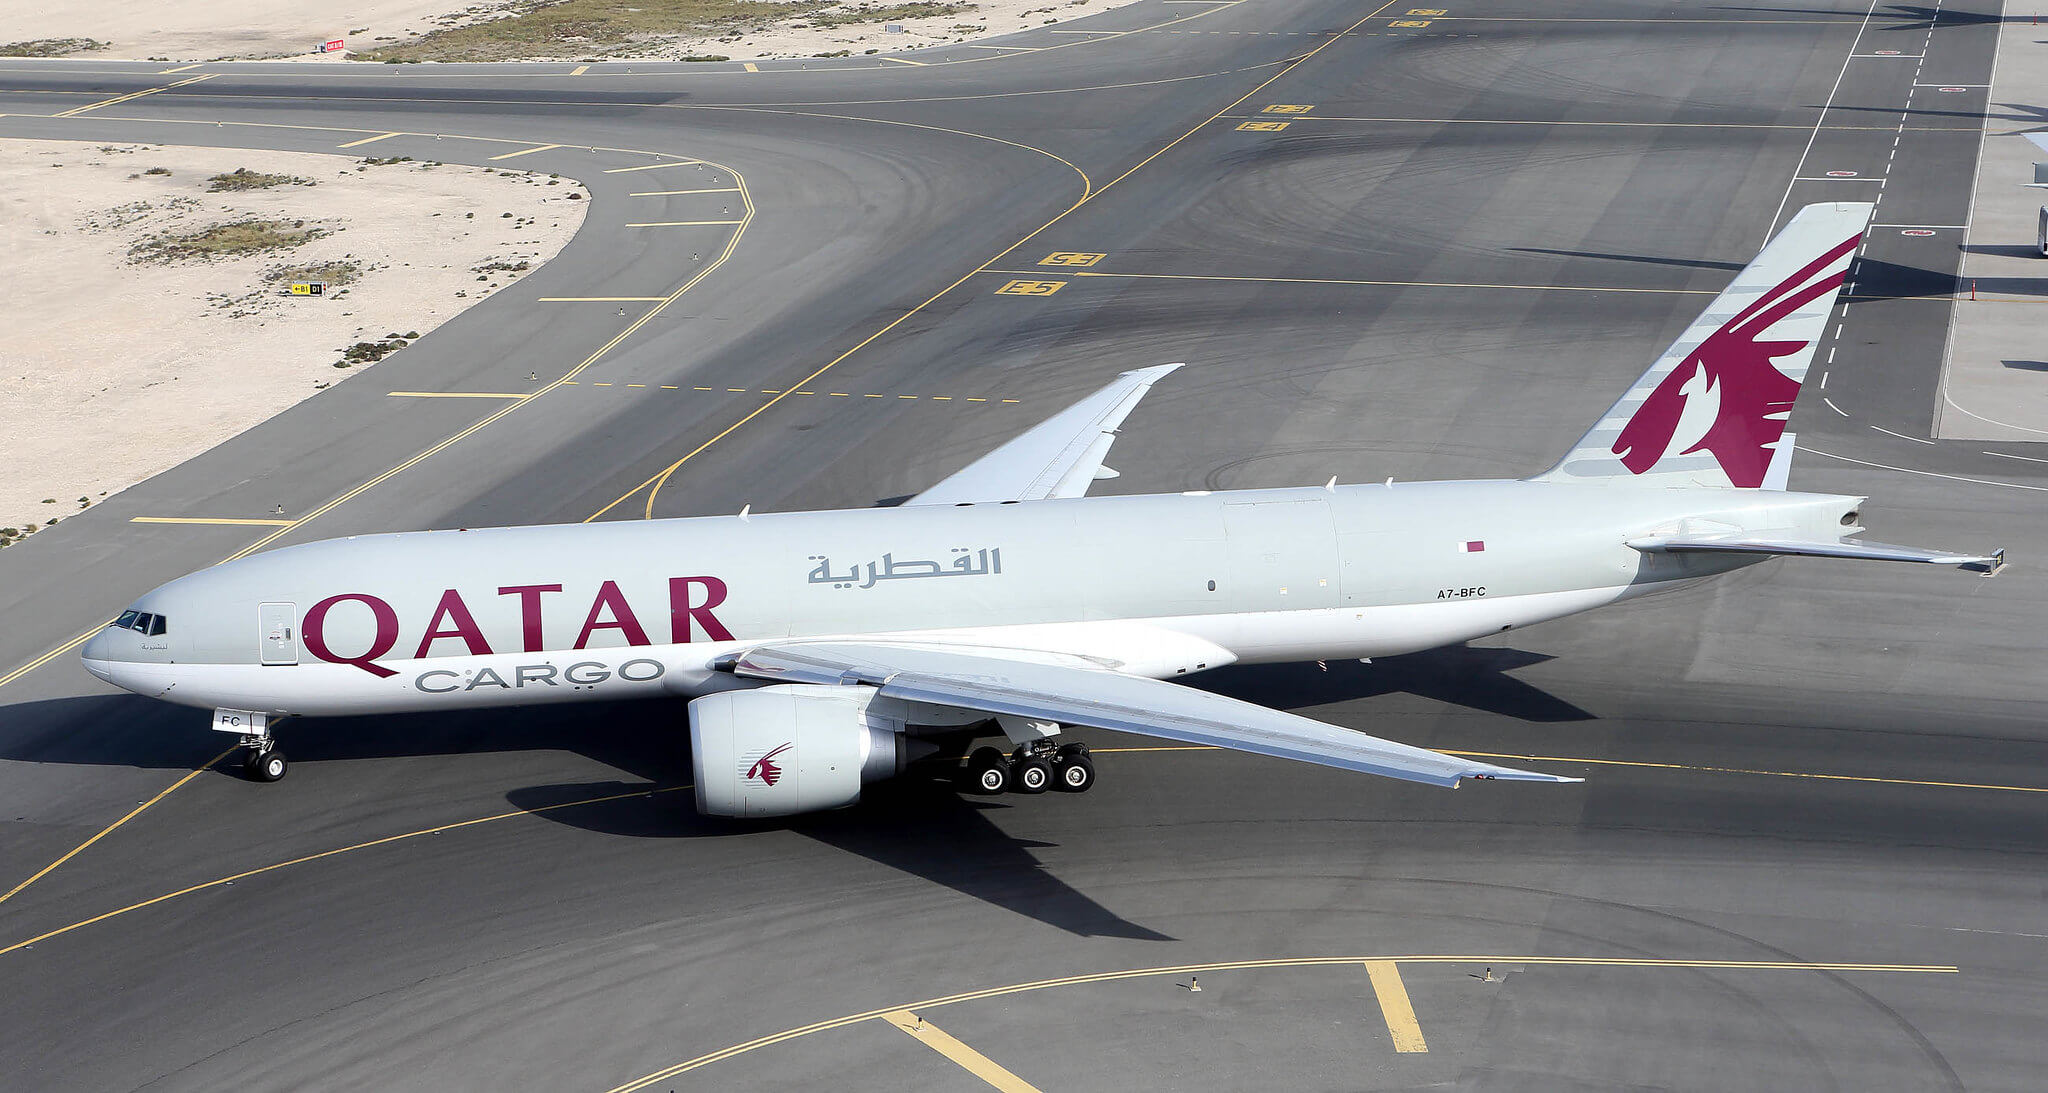 Qatar Airways: Direct flights to Luanda